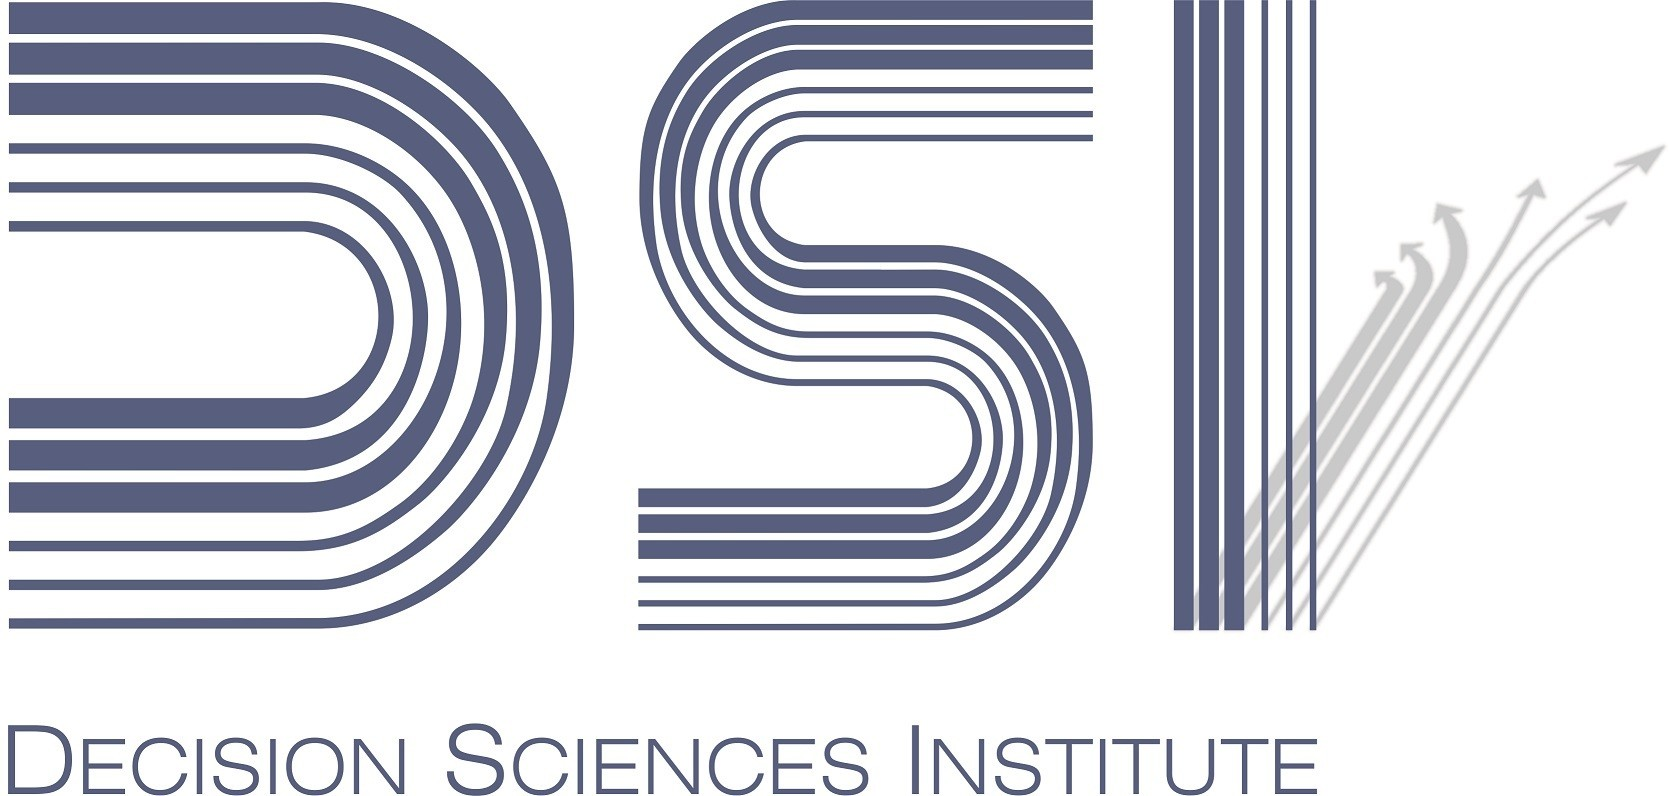 Decision Sciences Institute